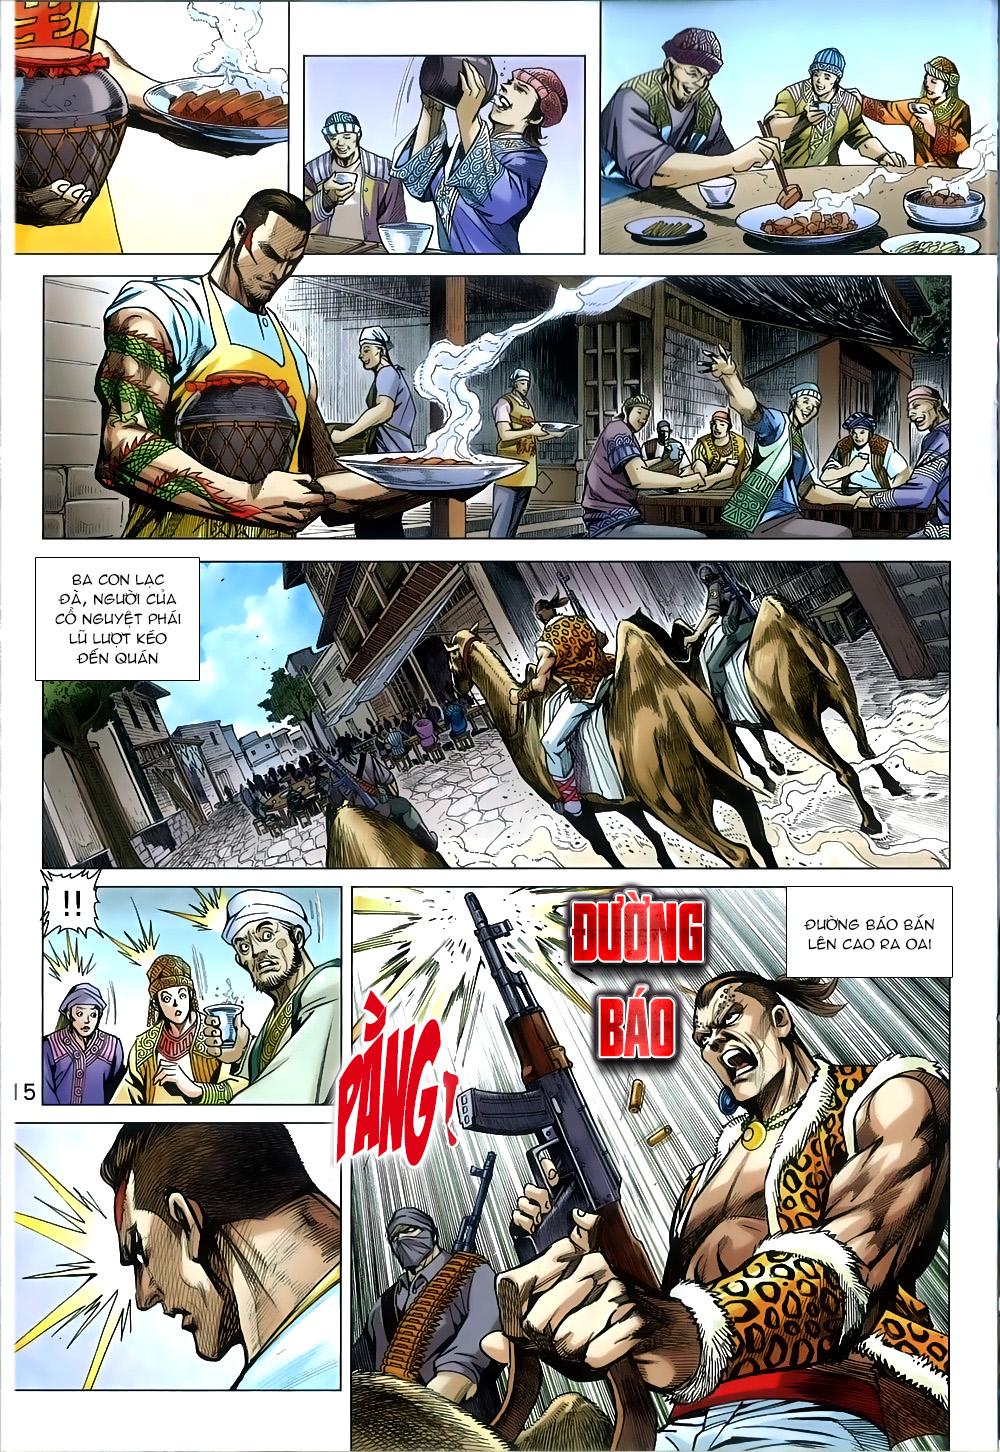 Tân Tác Long Hổ Môn chap 812 Trang 15 - Mangak.info